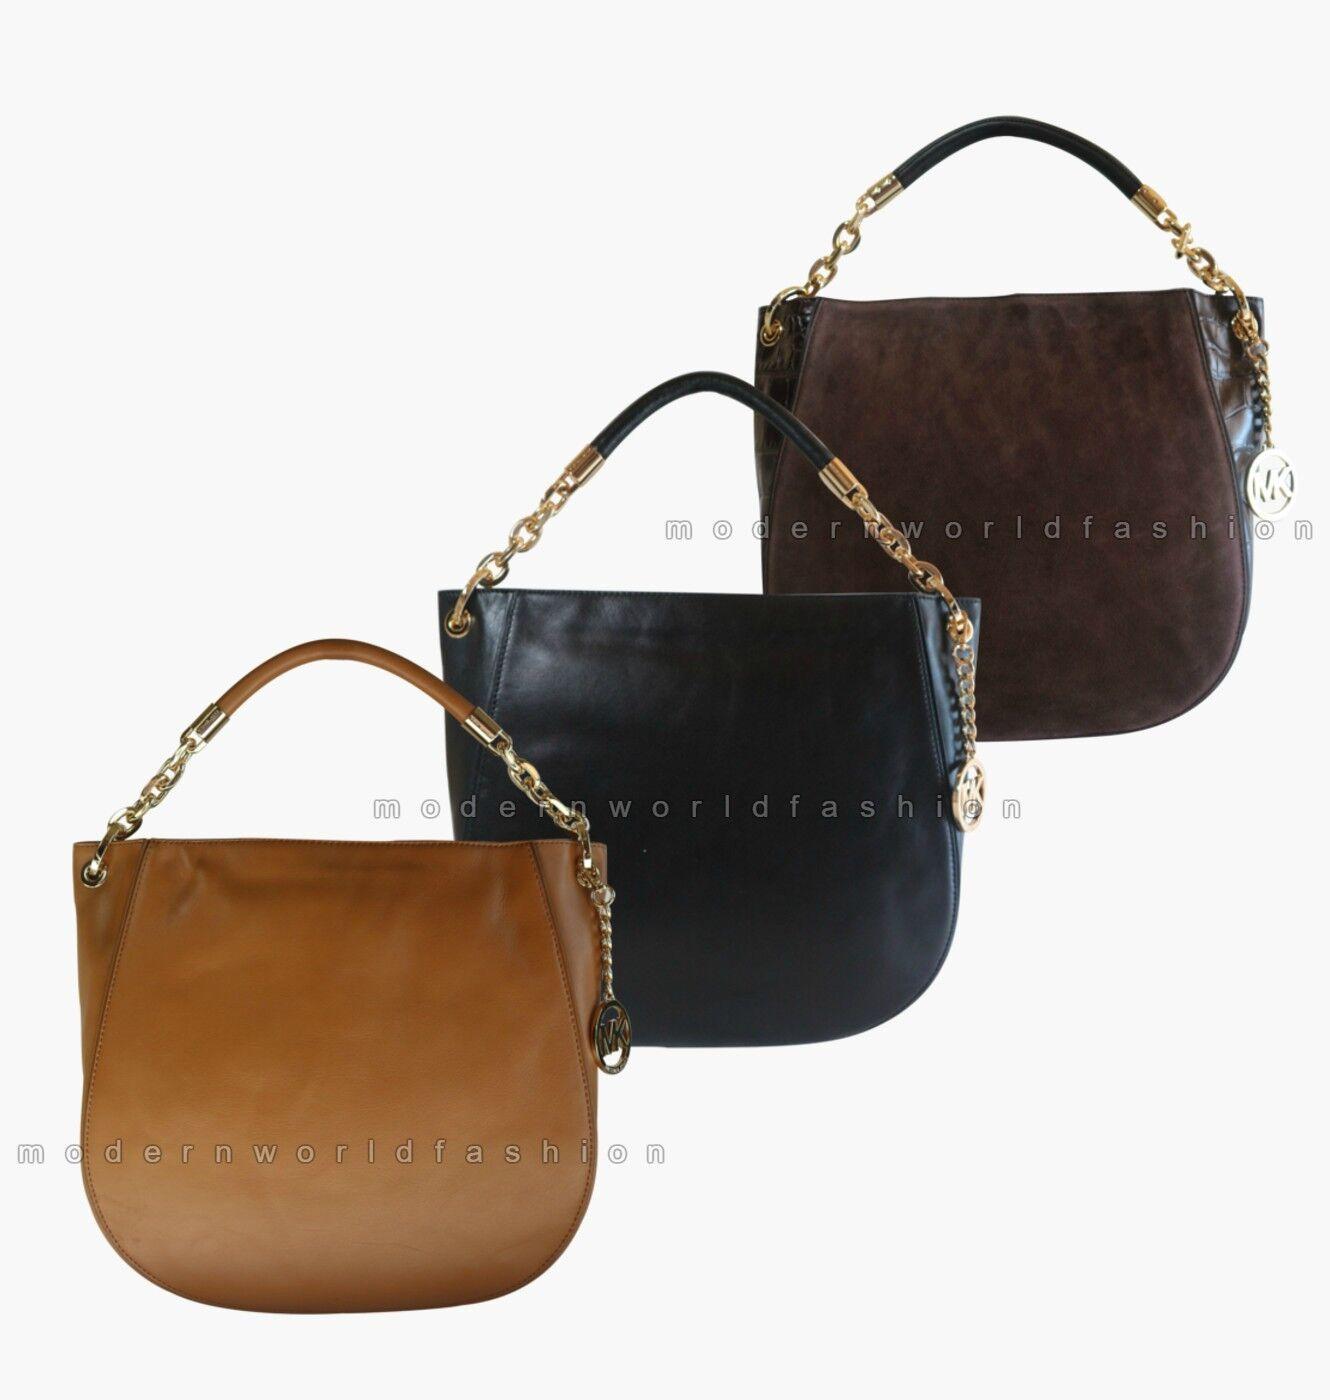 587a87320aebbd Michael Kors STANTHORPE Shoulder Bag Hobo Purse Acorn Reg for sale online |  eBay